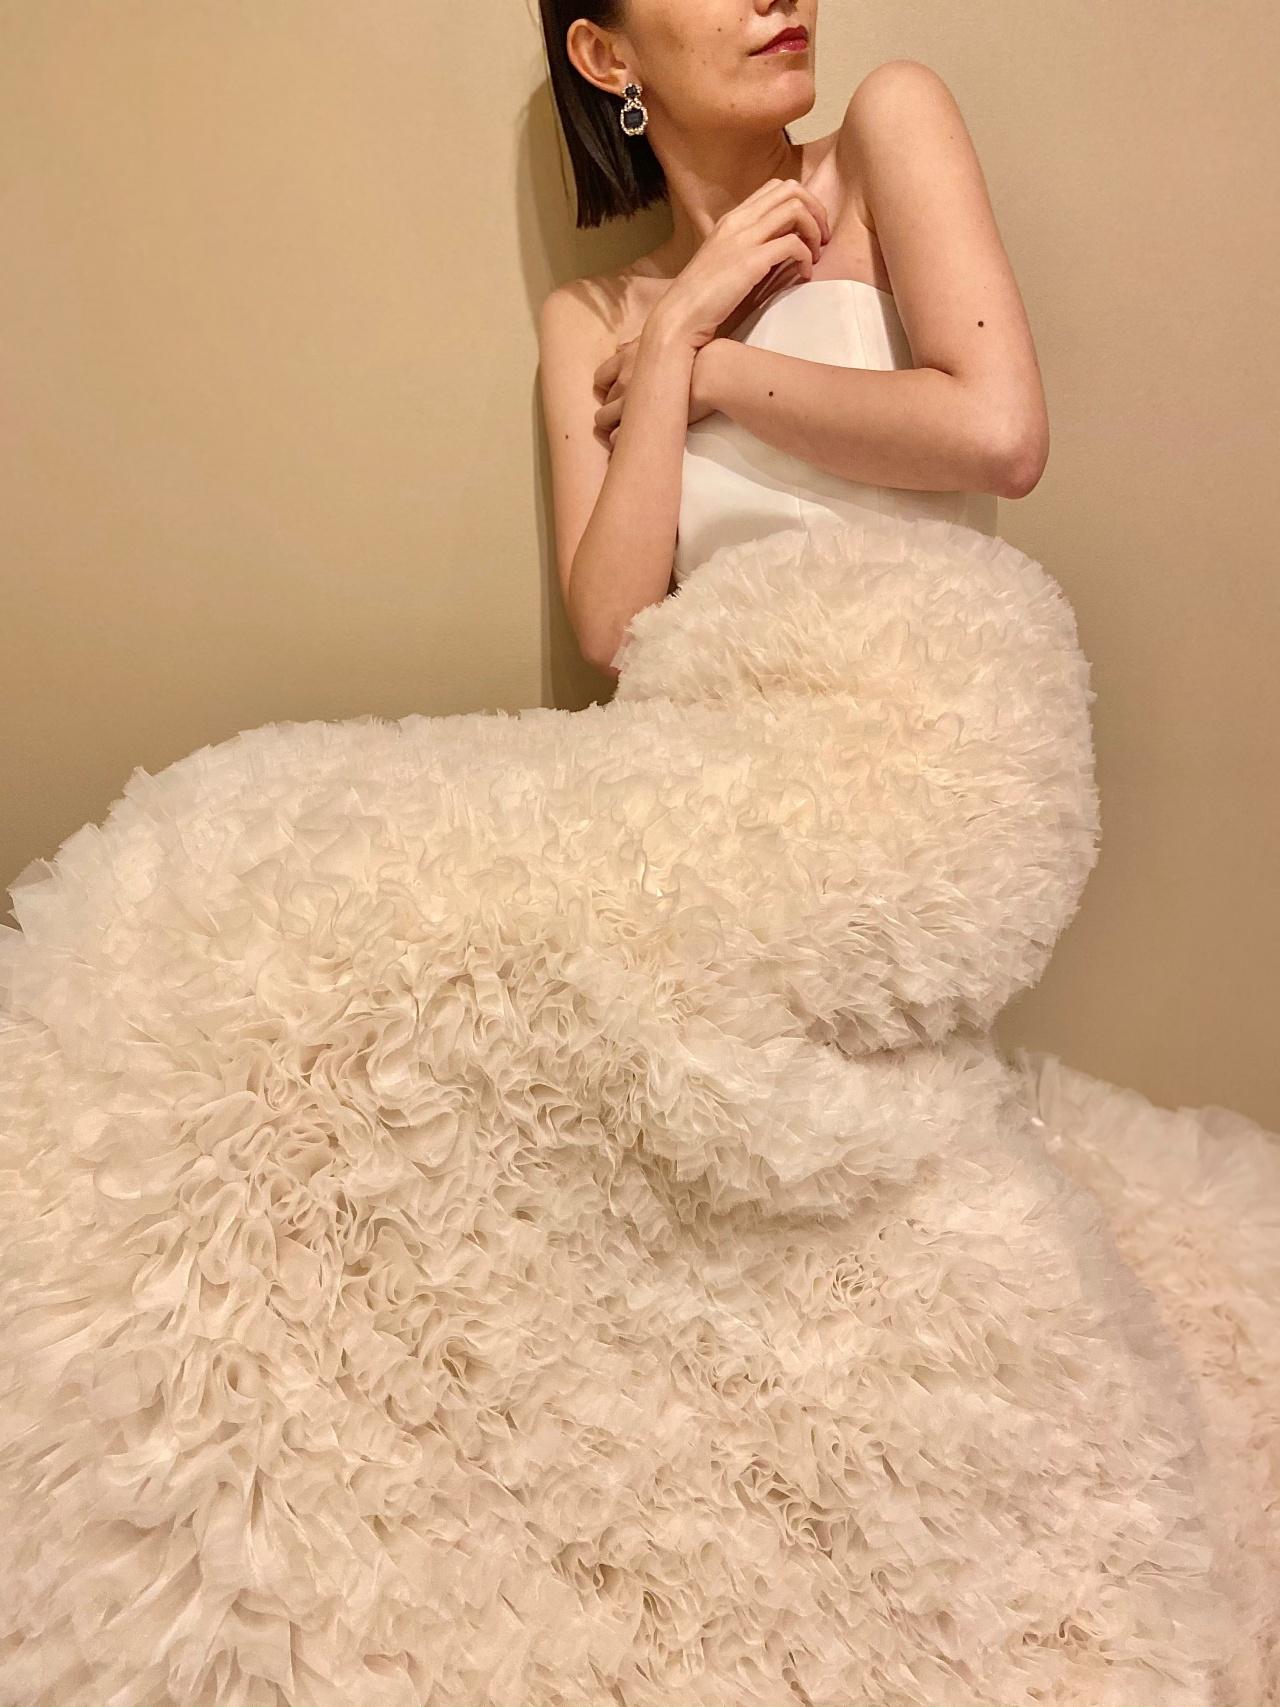 ラッフルチュールのスカート部分が、華やかでスタイリッシュな印象のマーメイドシルエットのウェディングドレス